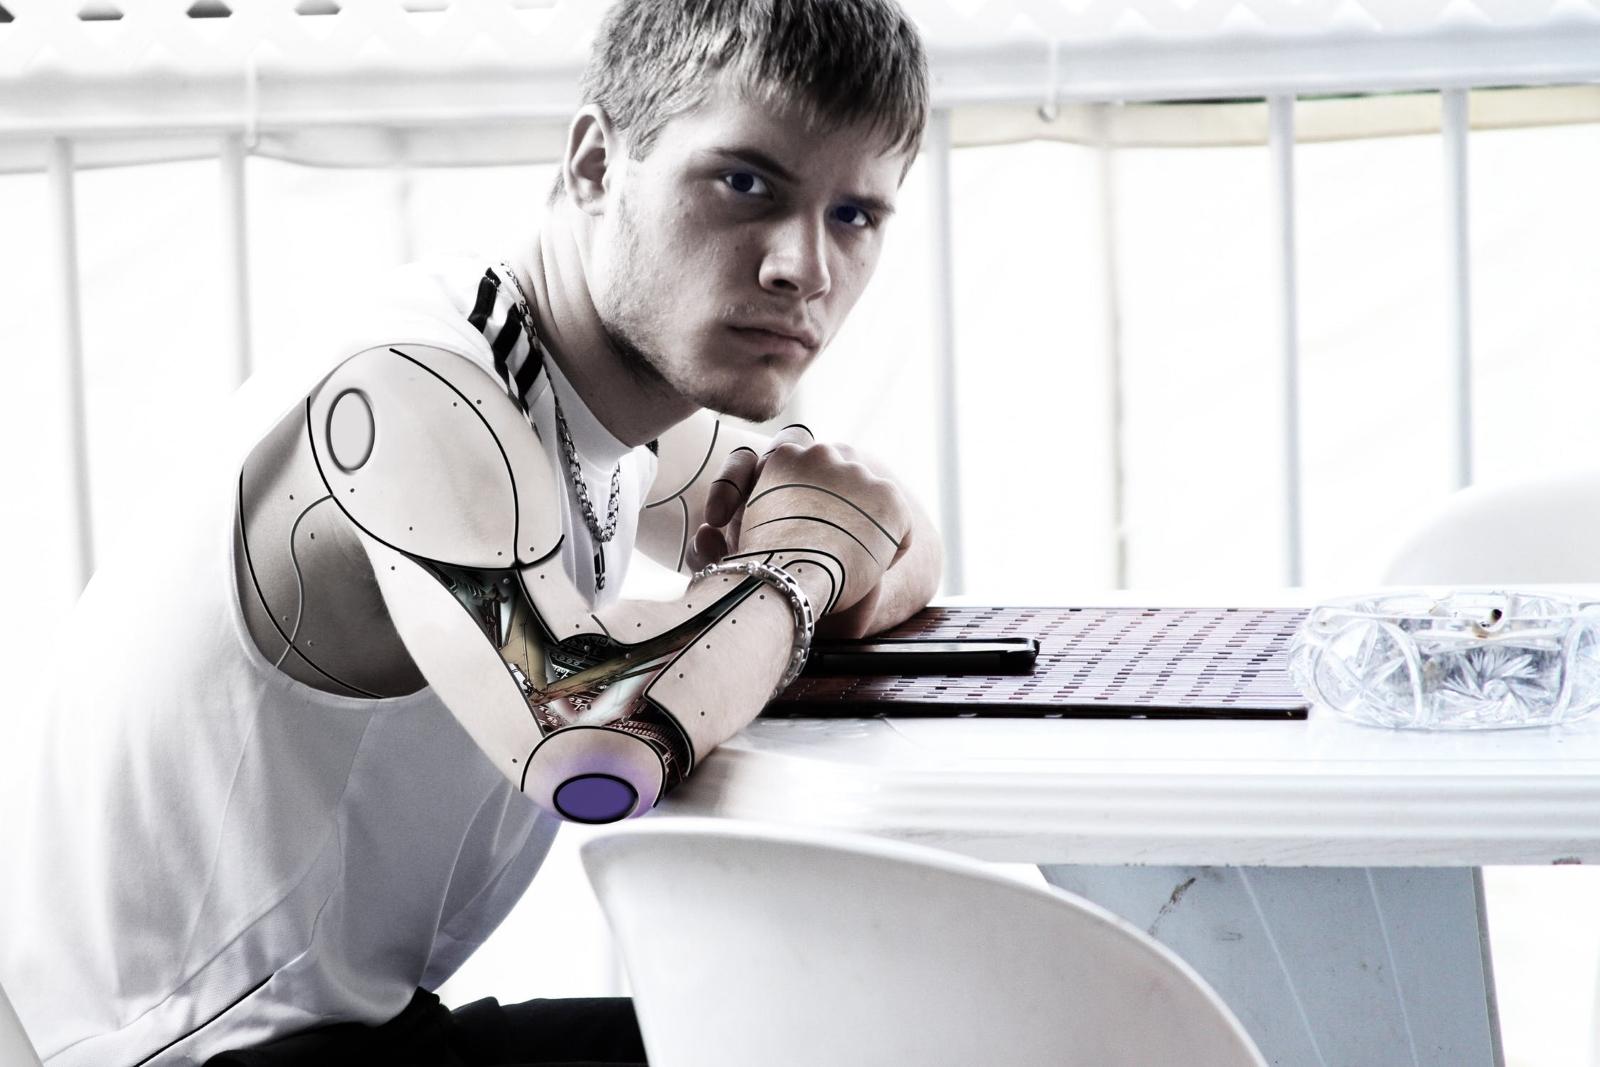 Budou lidé někdy zcela spojeni s umělou inteligencí?